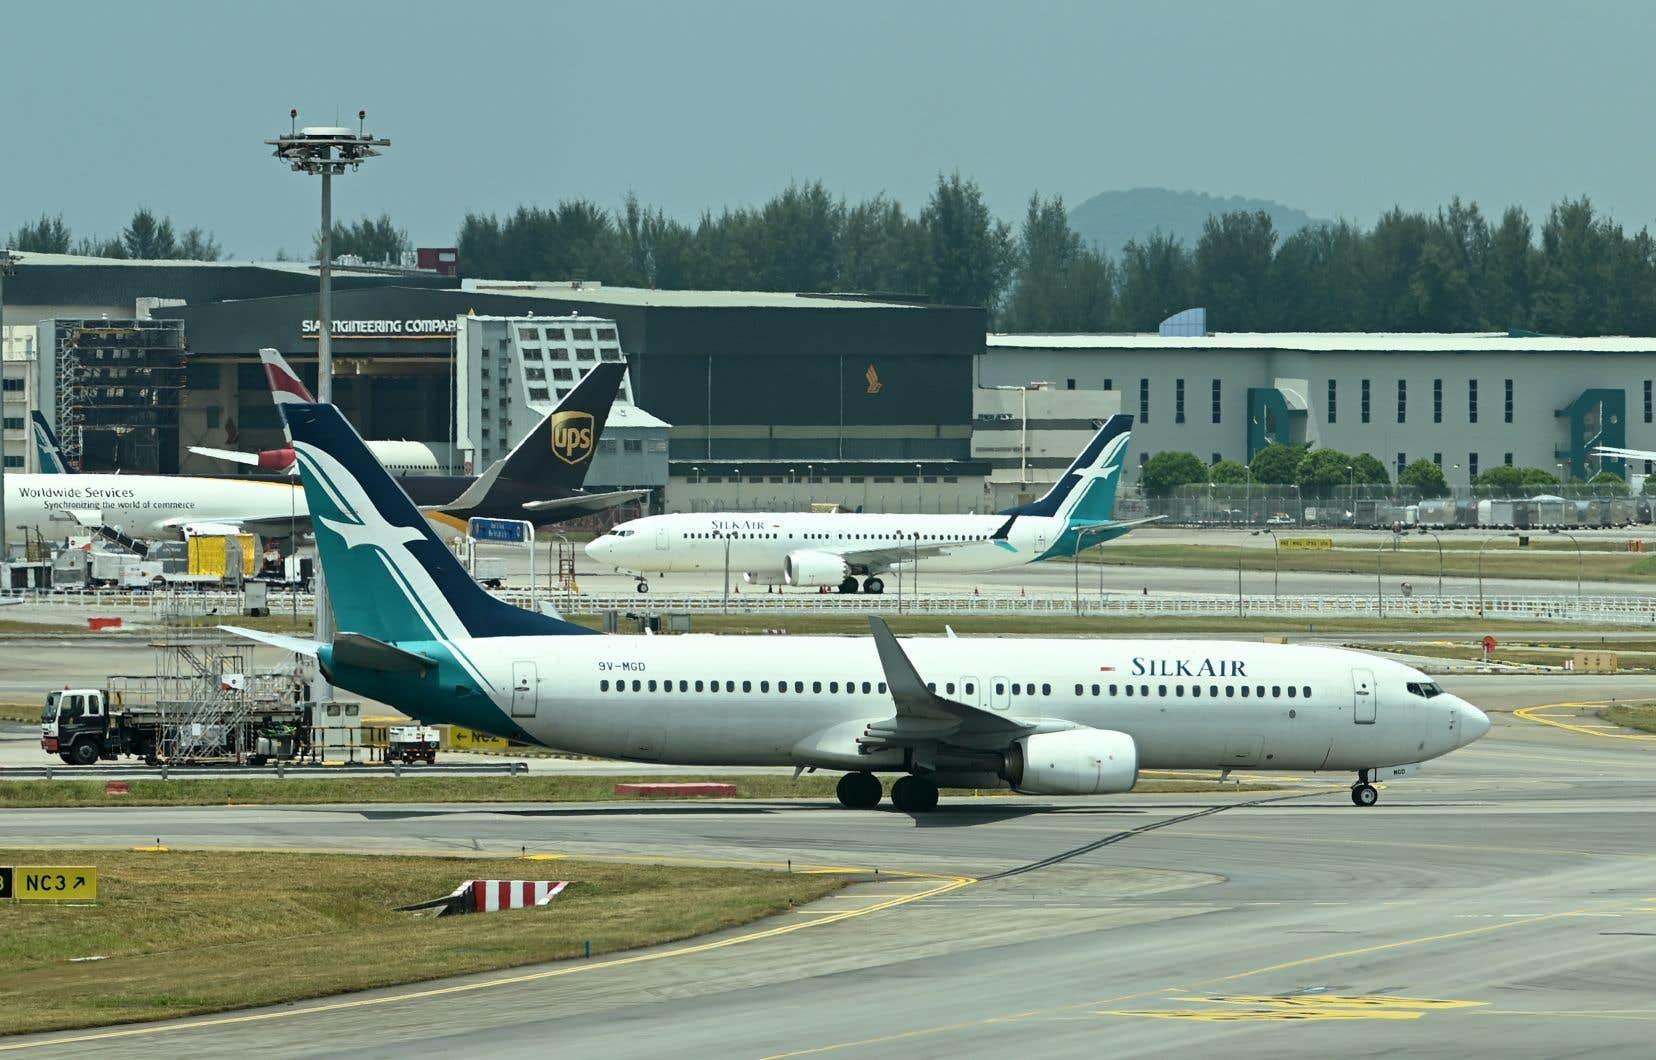 <p>Les 737 MAX 8 sont la locomotive des ventes et des bénéfices de Boeing. 350 exemplaires de cet avion, entré en service en mai 2017, volent actuellement.</p>